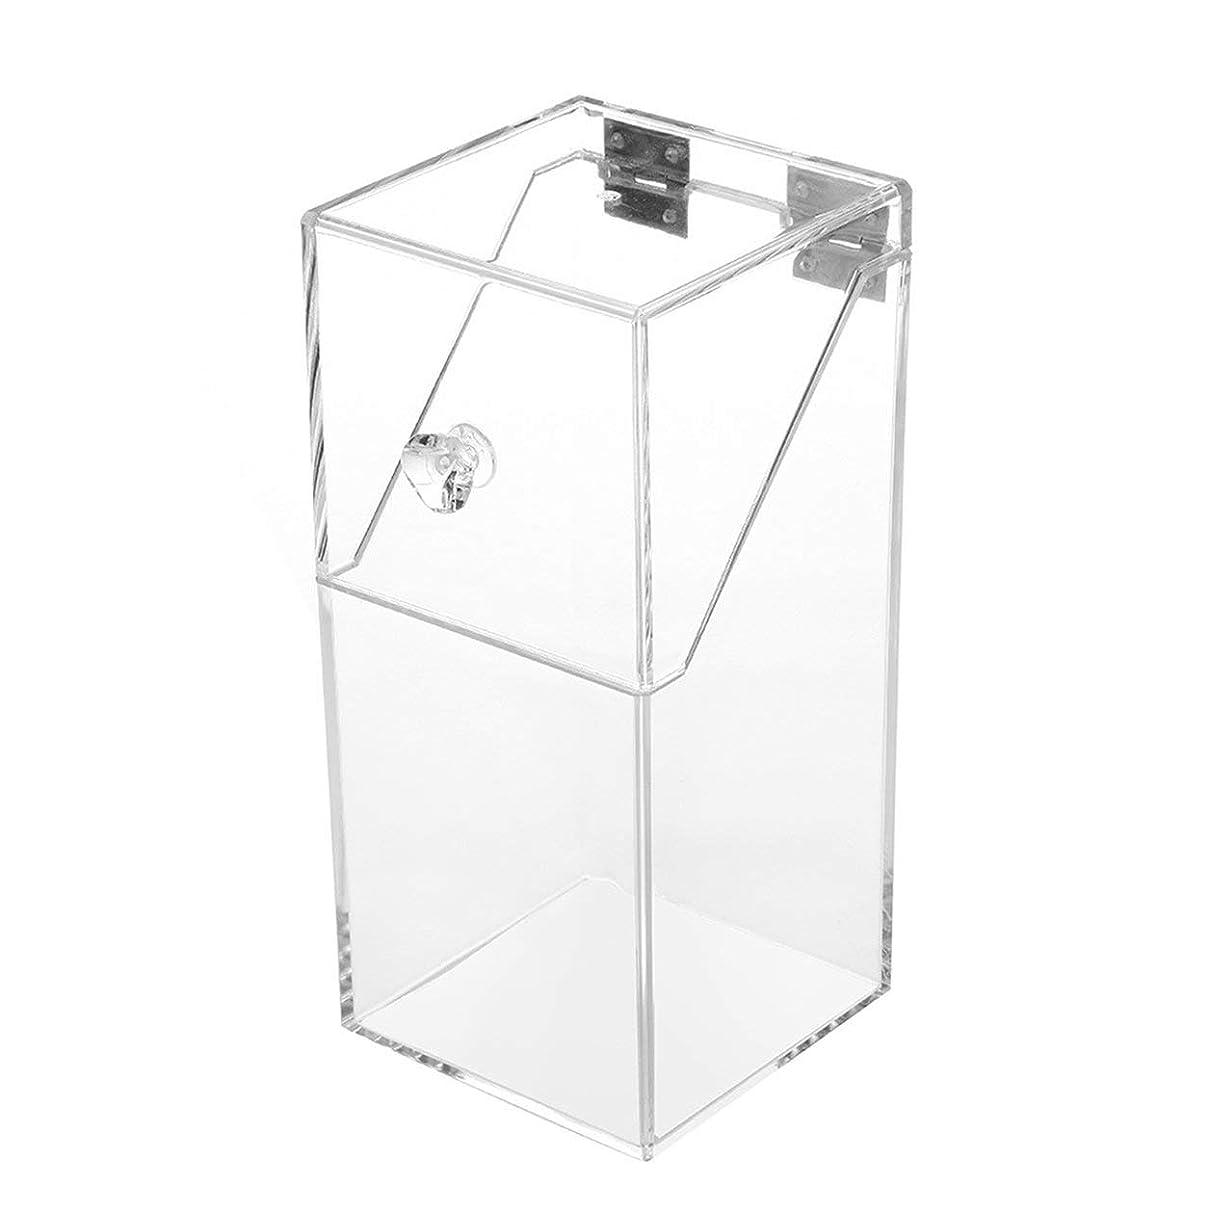 効率的銛交渉するSaikogoods 透明アクリルメイクアレンジストレージボックスシンプルなデザイン透明卓上化粧ブラシホルダーオーガナイザーケース トランスペアレント L